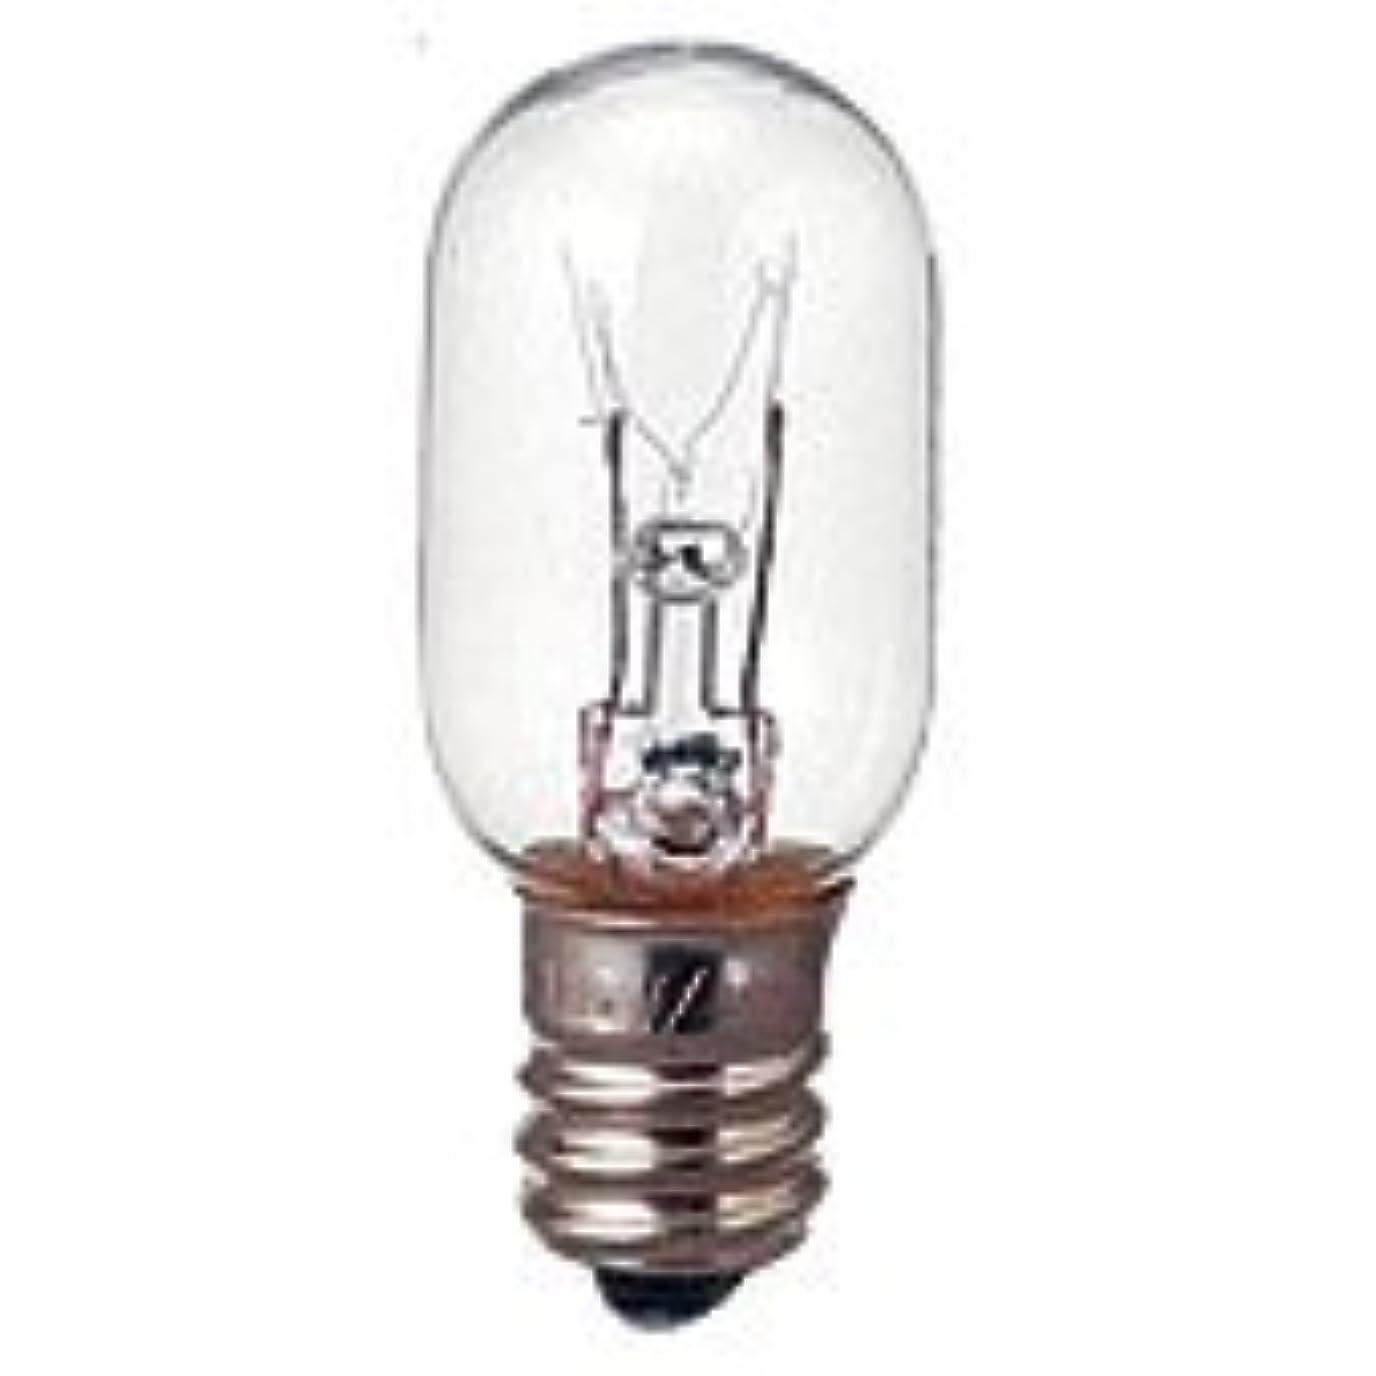 忠実に大とても多くの生活の木 オールナイト用電球(5W)